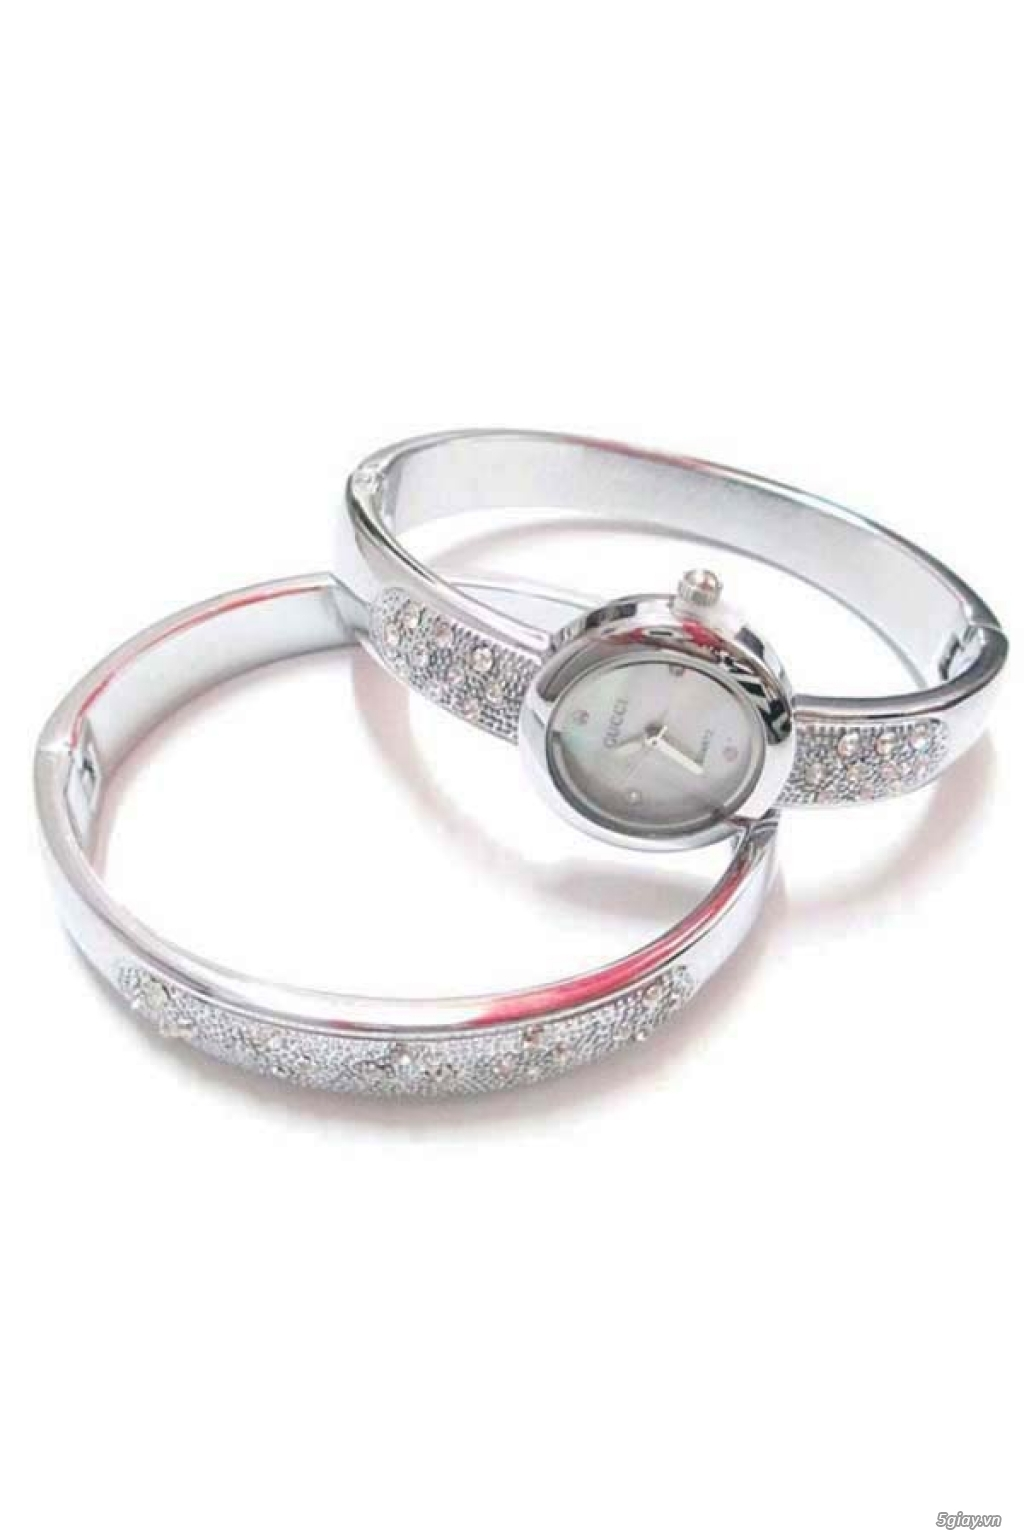 Can Tho Shop Sỉ lẻ online chuyên cung cấp đồng hồ phụ kiện giá ưu đãi, giao hàng